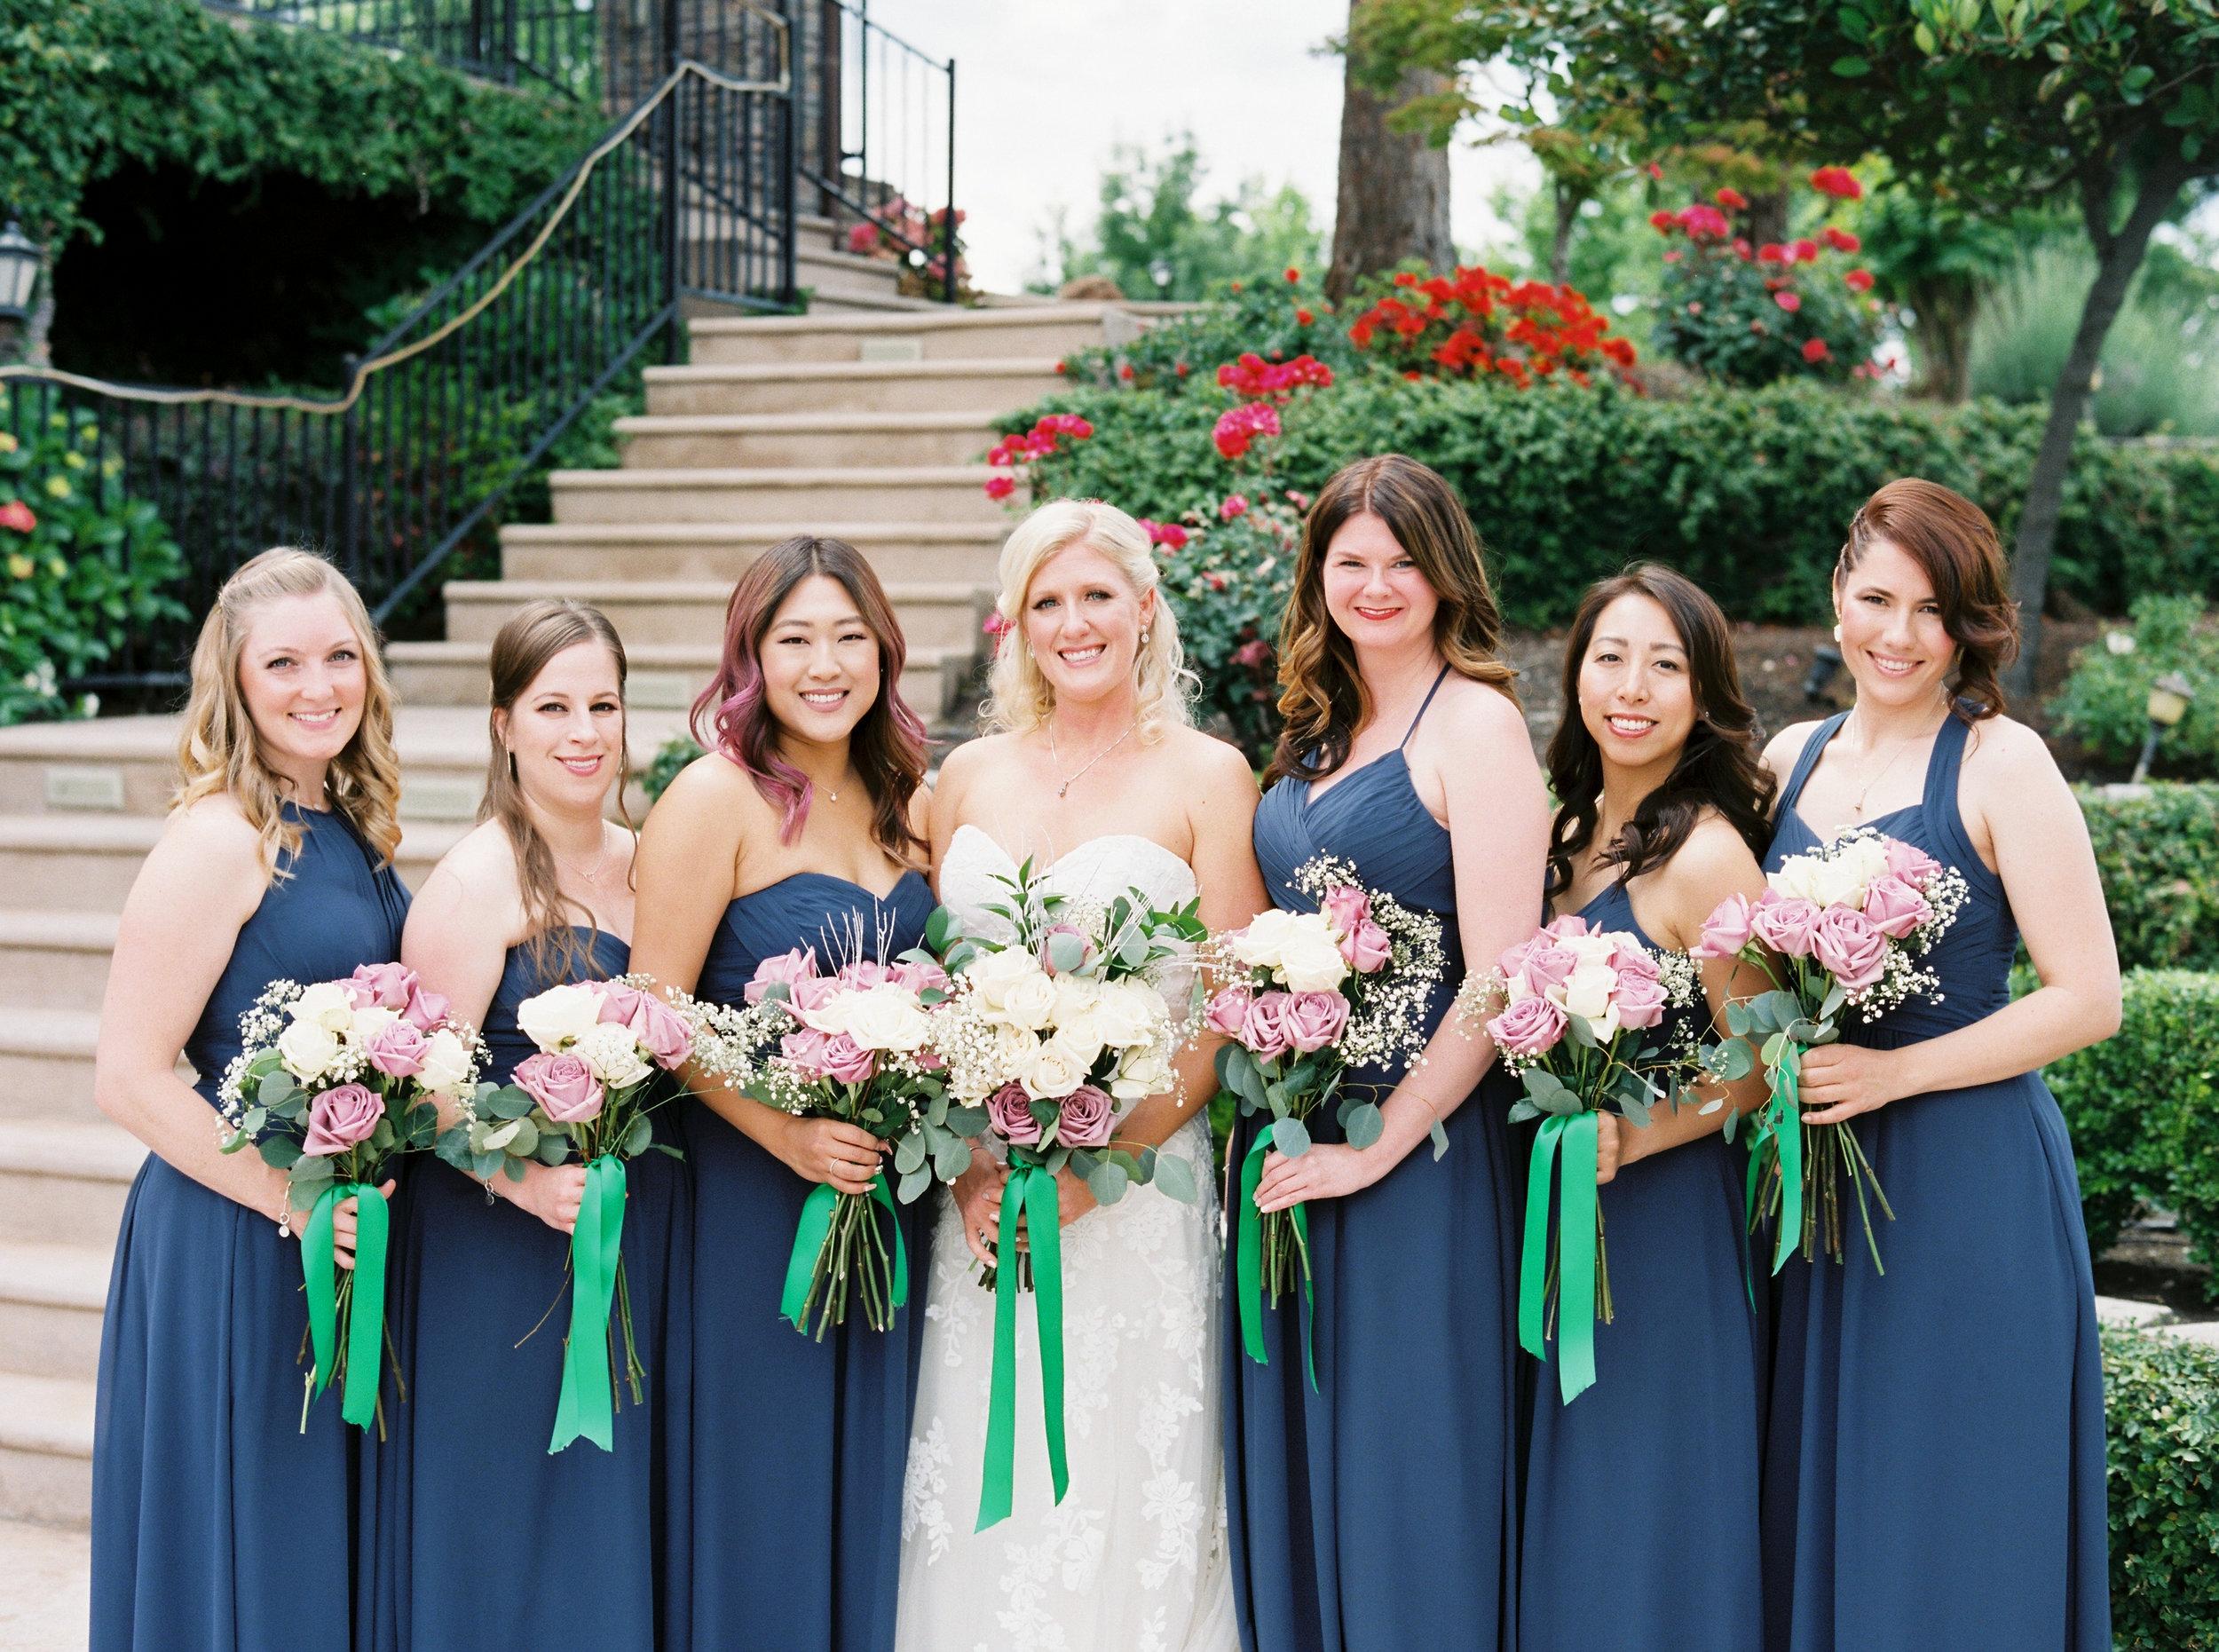 wolfe-heights-event-center-wedding-1-6.jpg